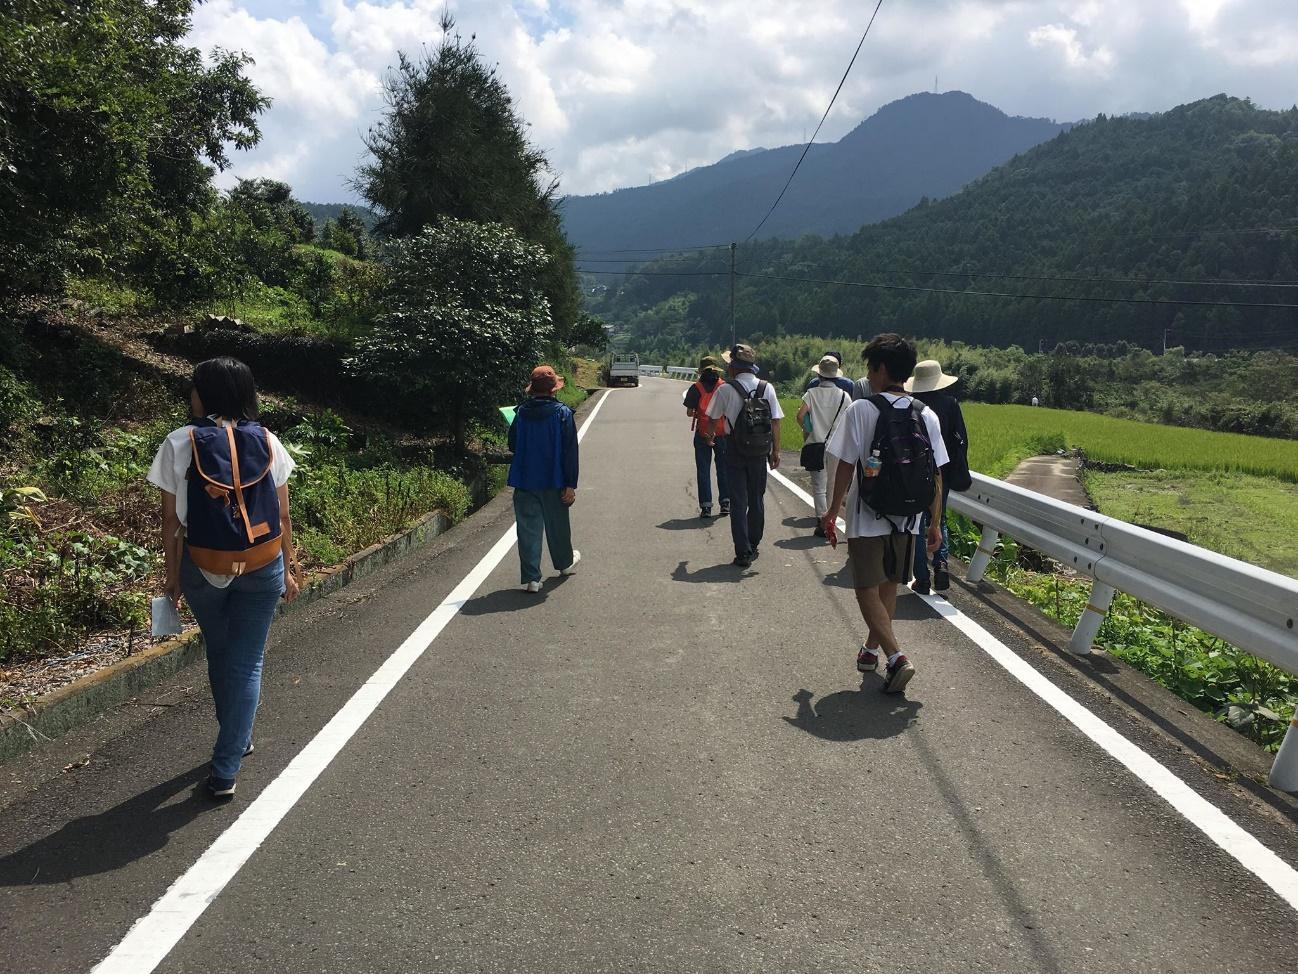 山の中の道を歩く人々  自動的に生成された説明